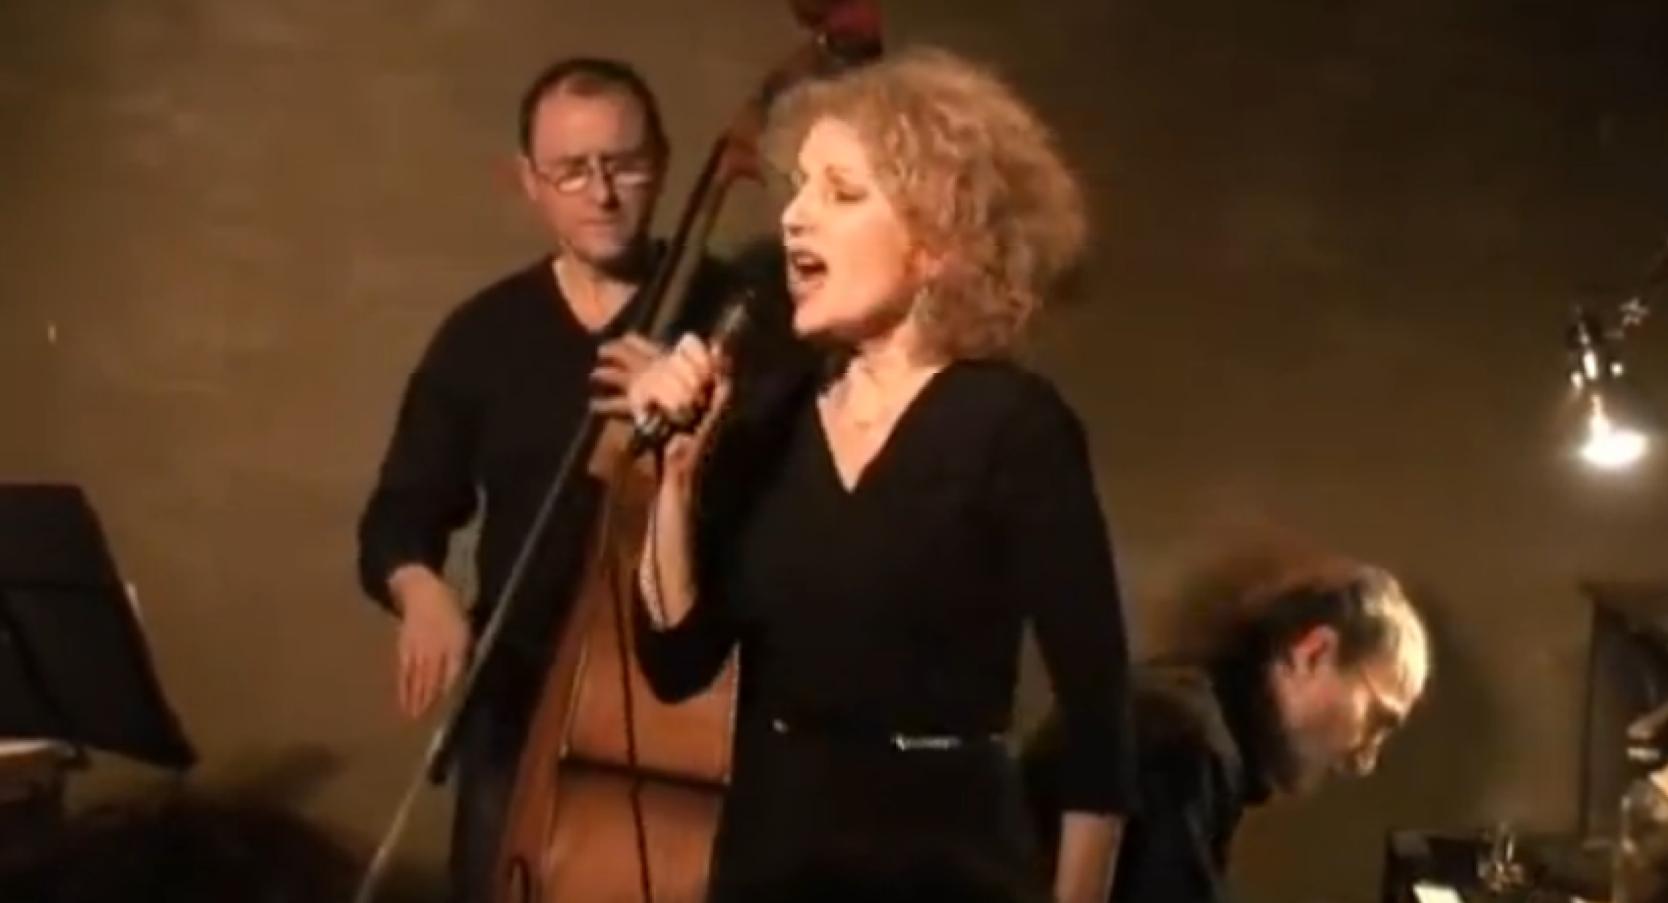 Les concerts de l'improbable de Jean-François Zygel